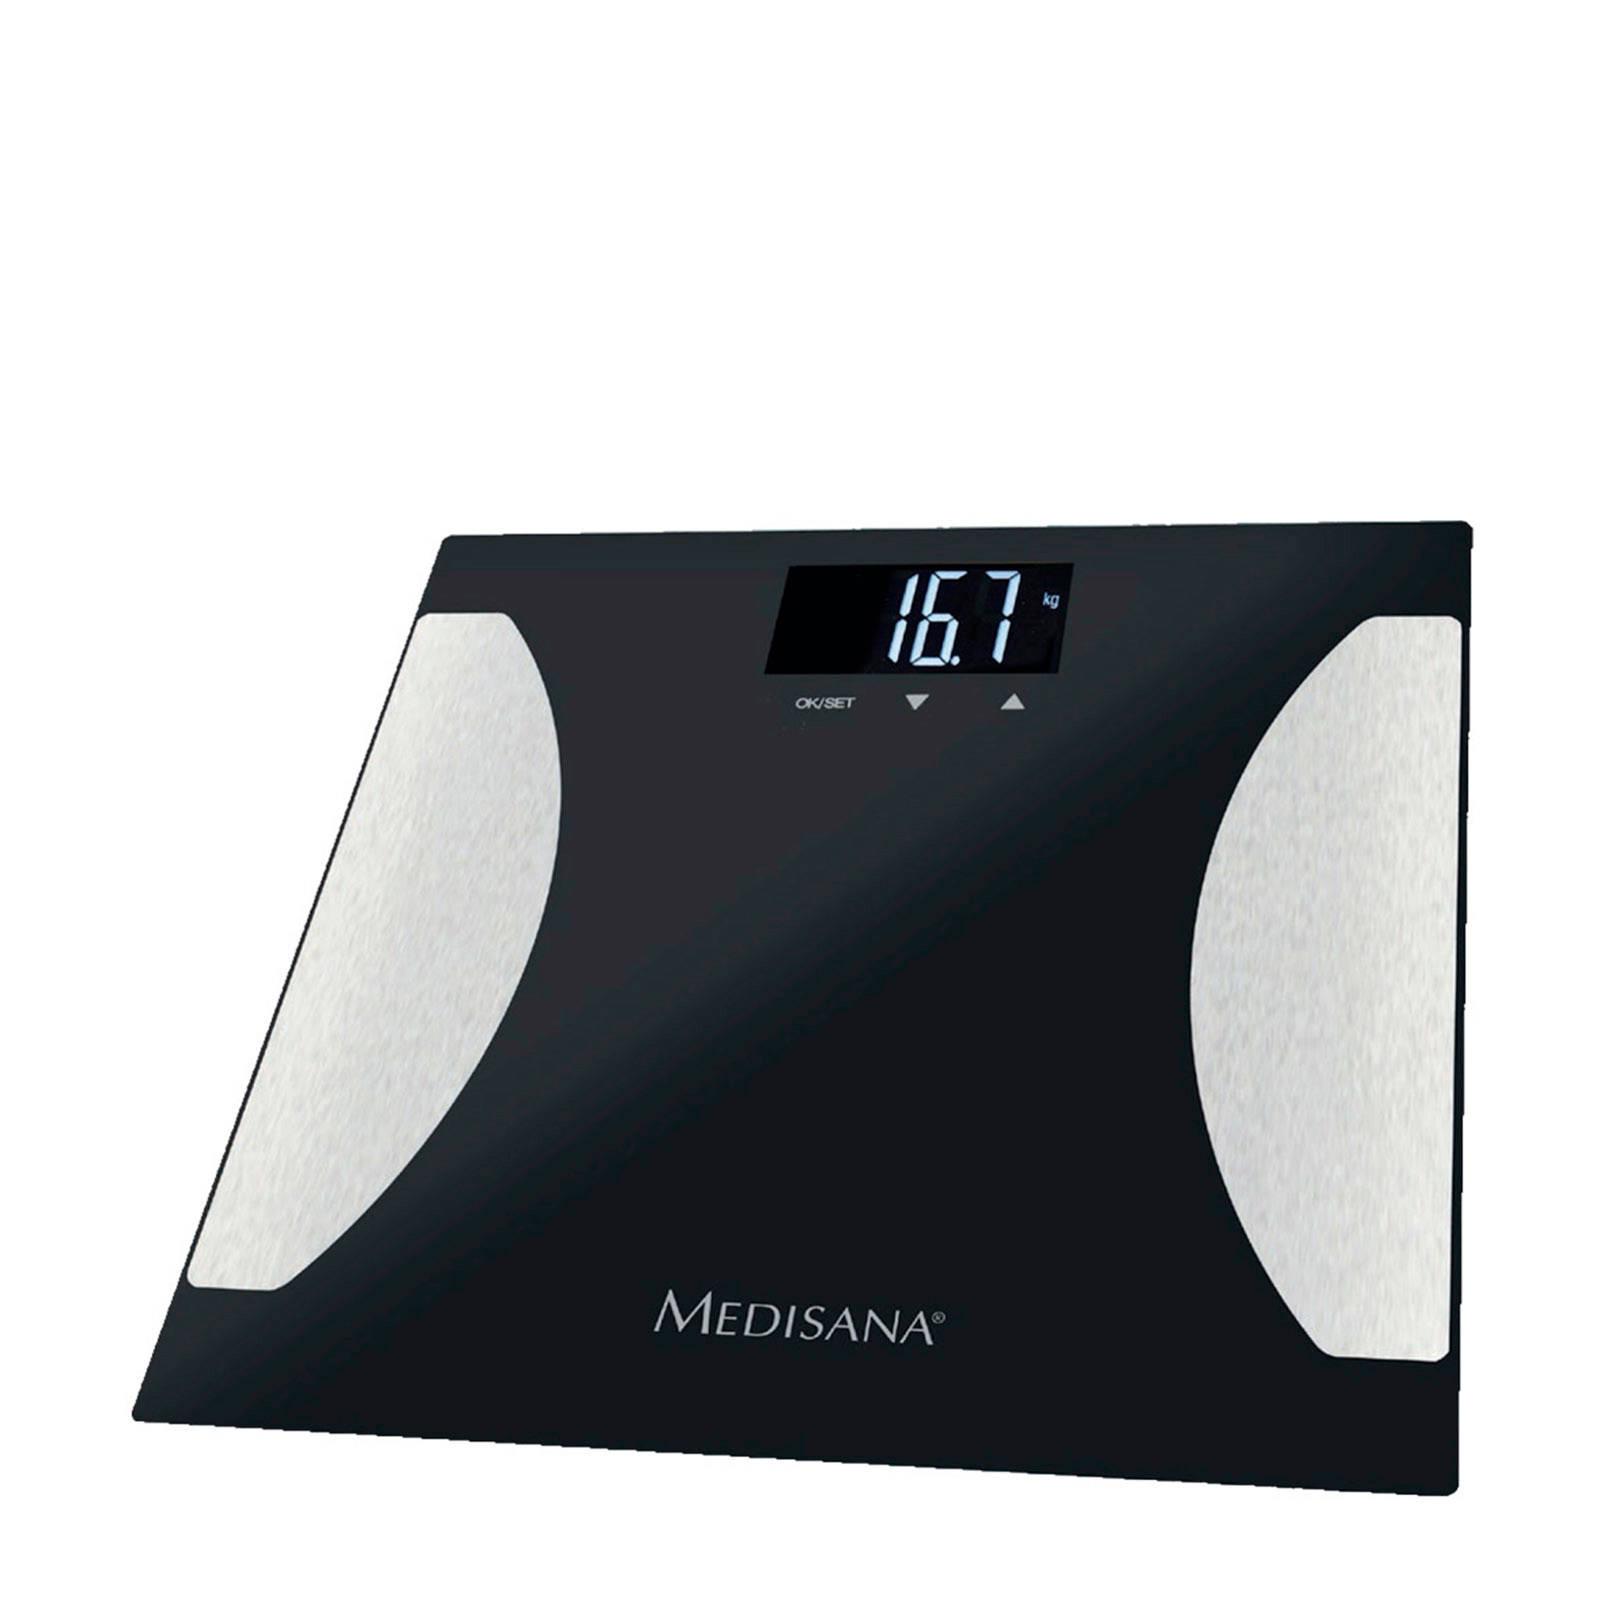 medisana bs475 lichaamsanalyse weegschaal bs 475 wehkampmedisana bs475 lichaamsanalyse weegschaal bs 475,